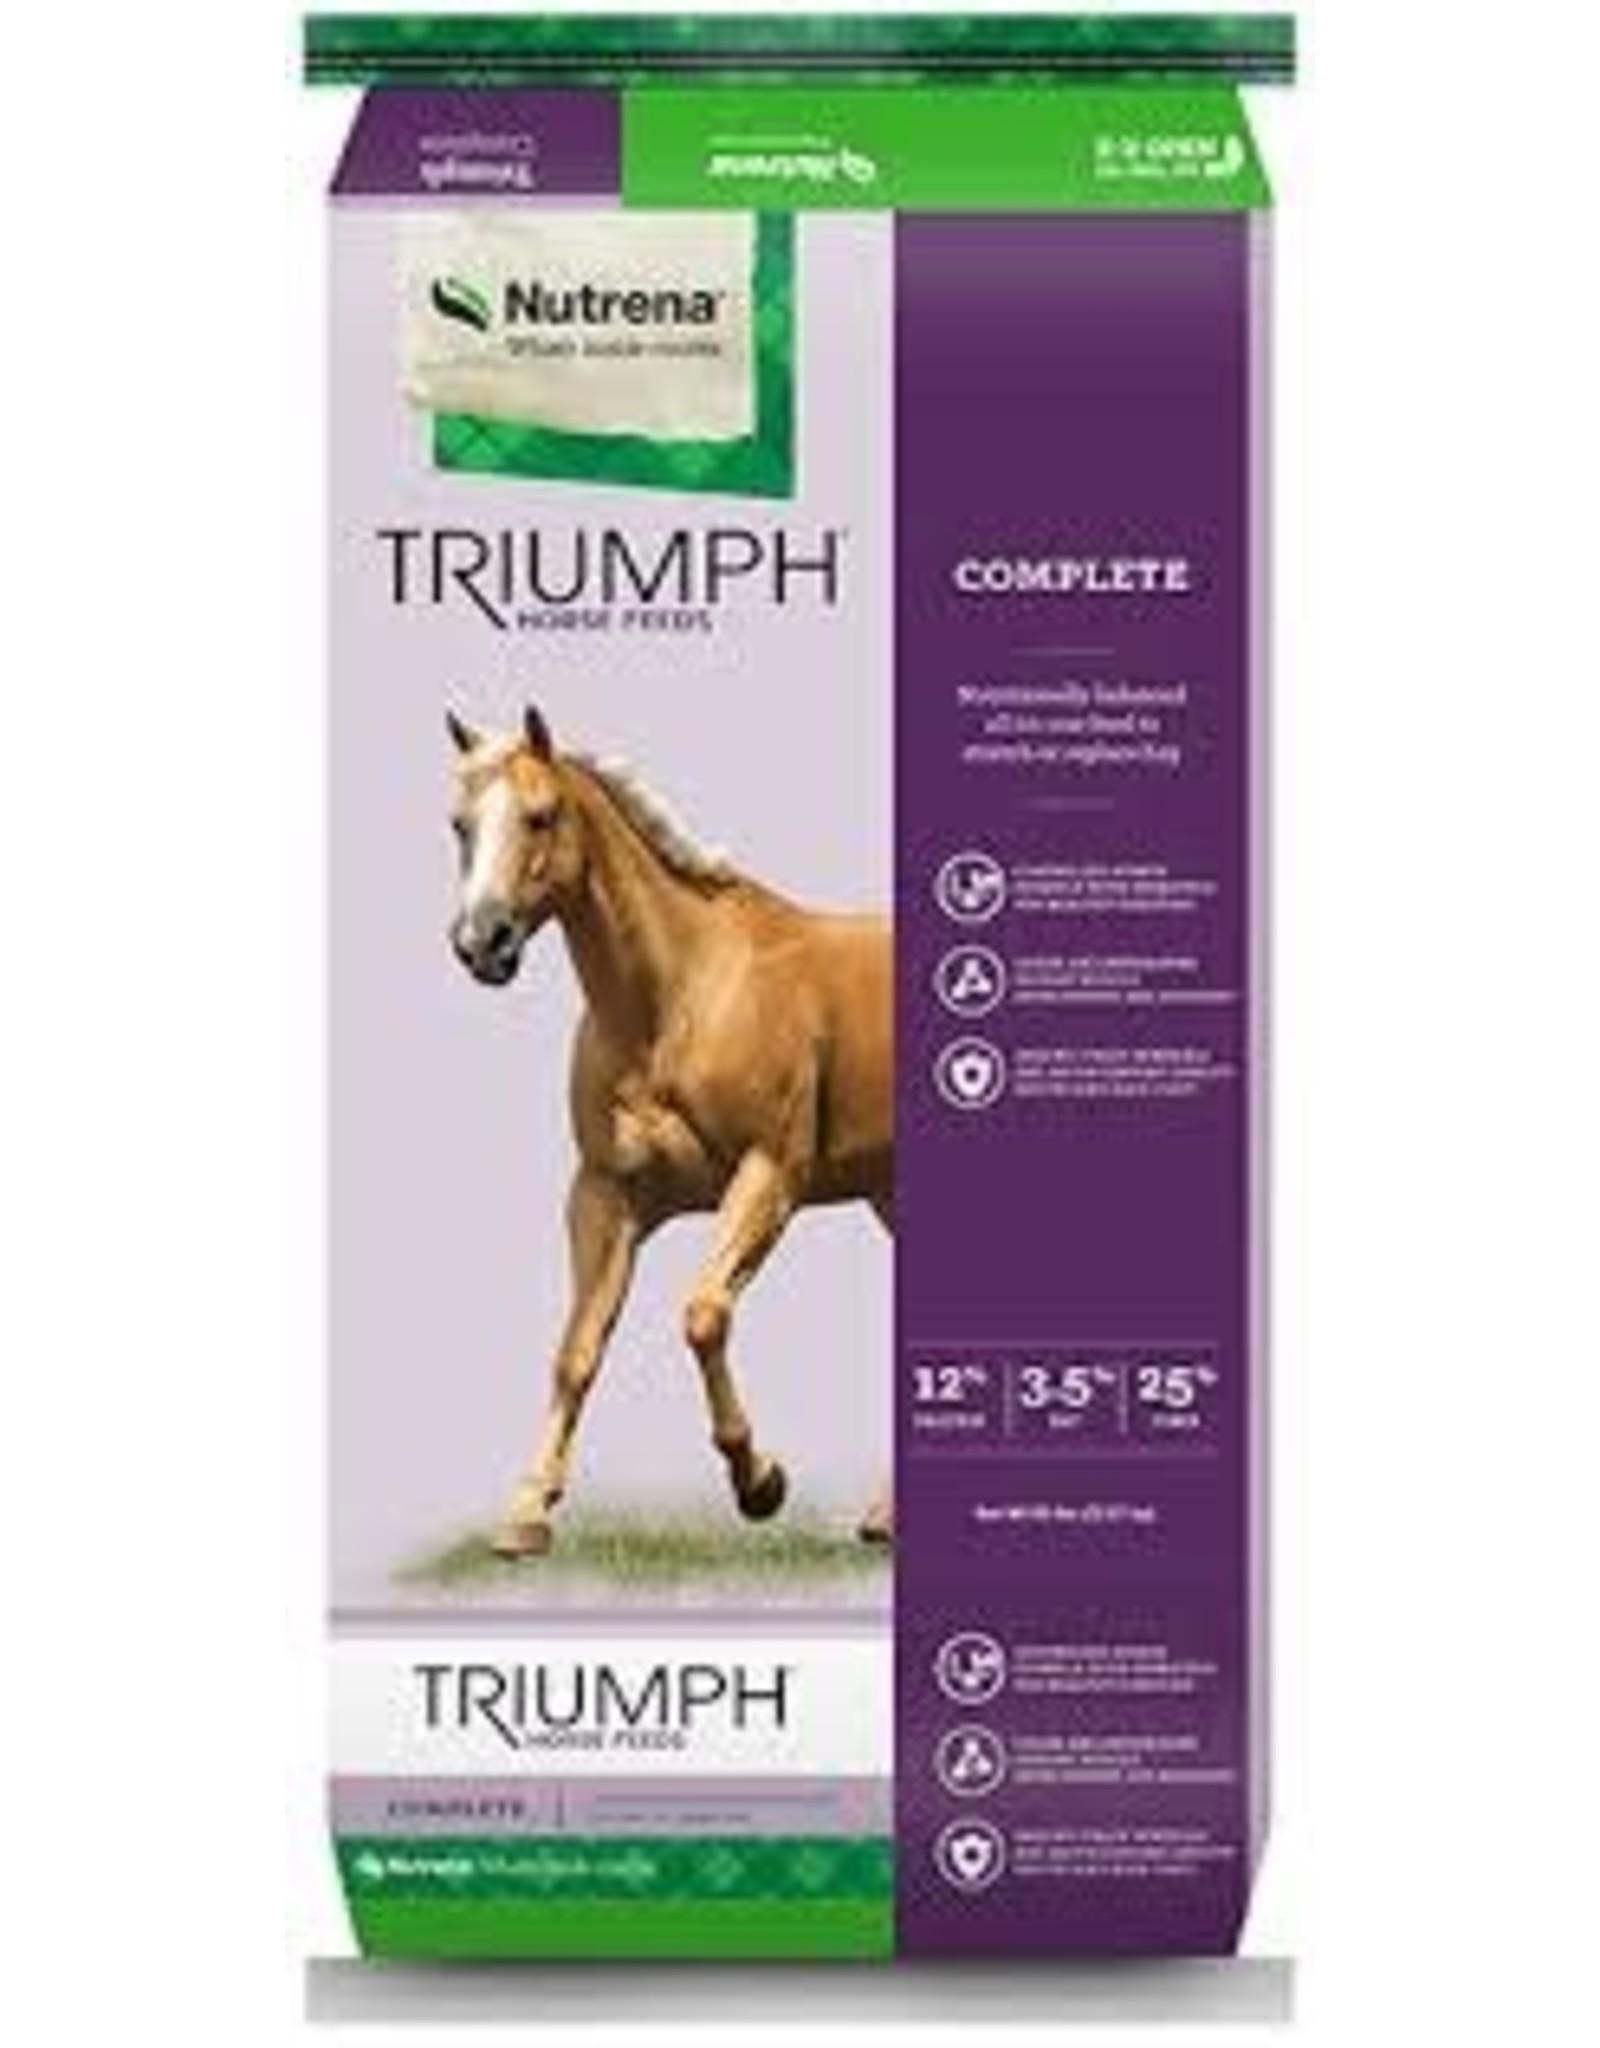 Cargill Triumph Complete Pellet.    12/3.5/25